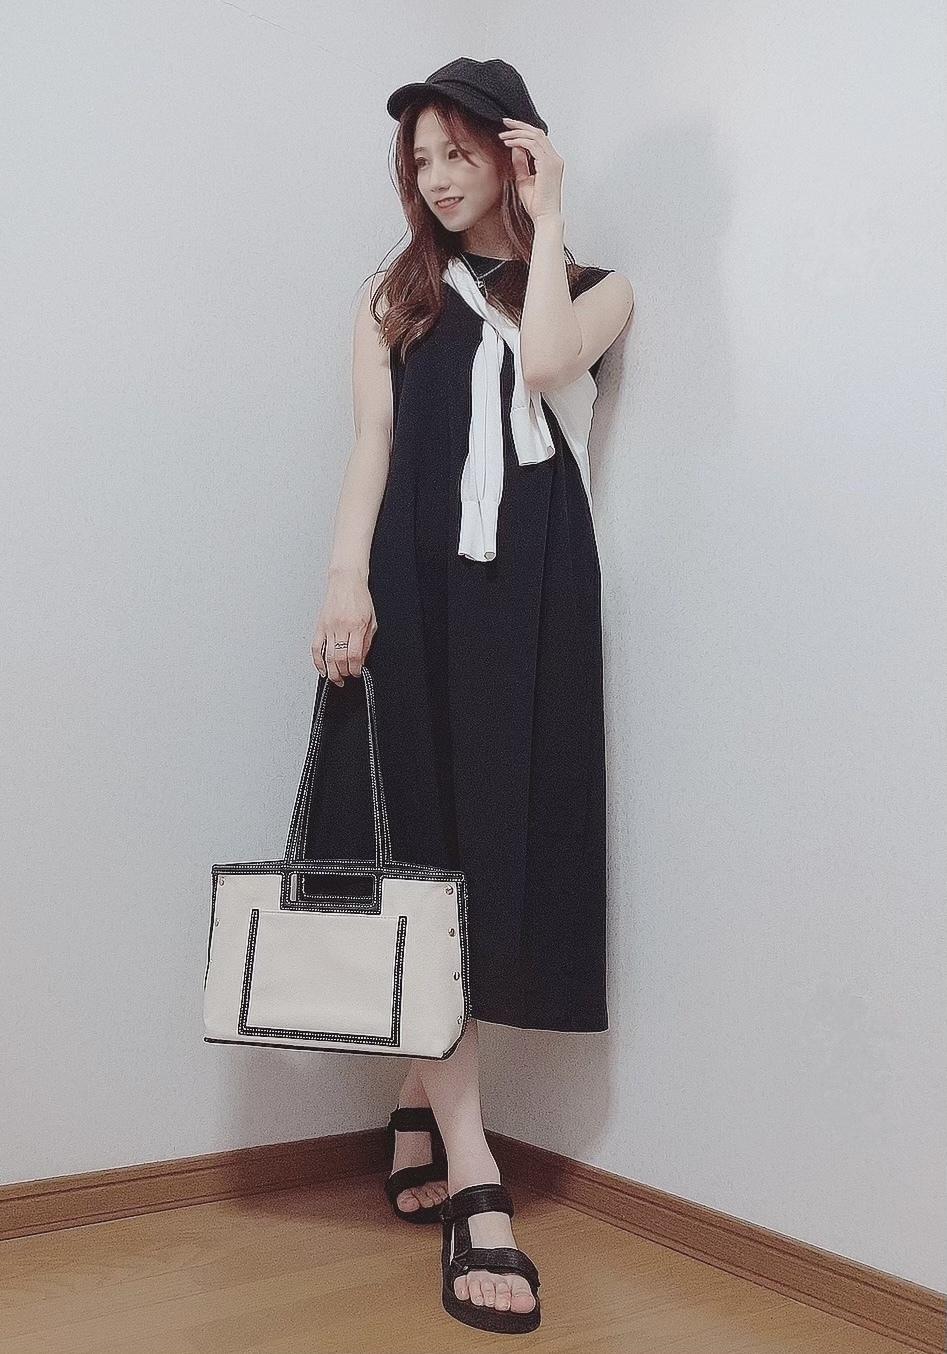 【GU】プチプラ春夏服が可愛いすぎる♡_1_1